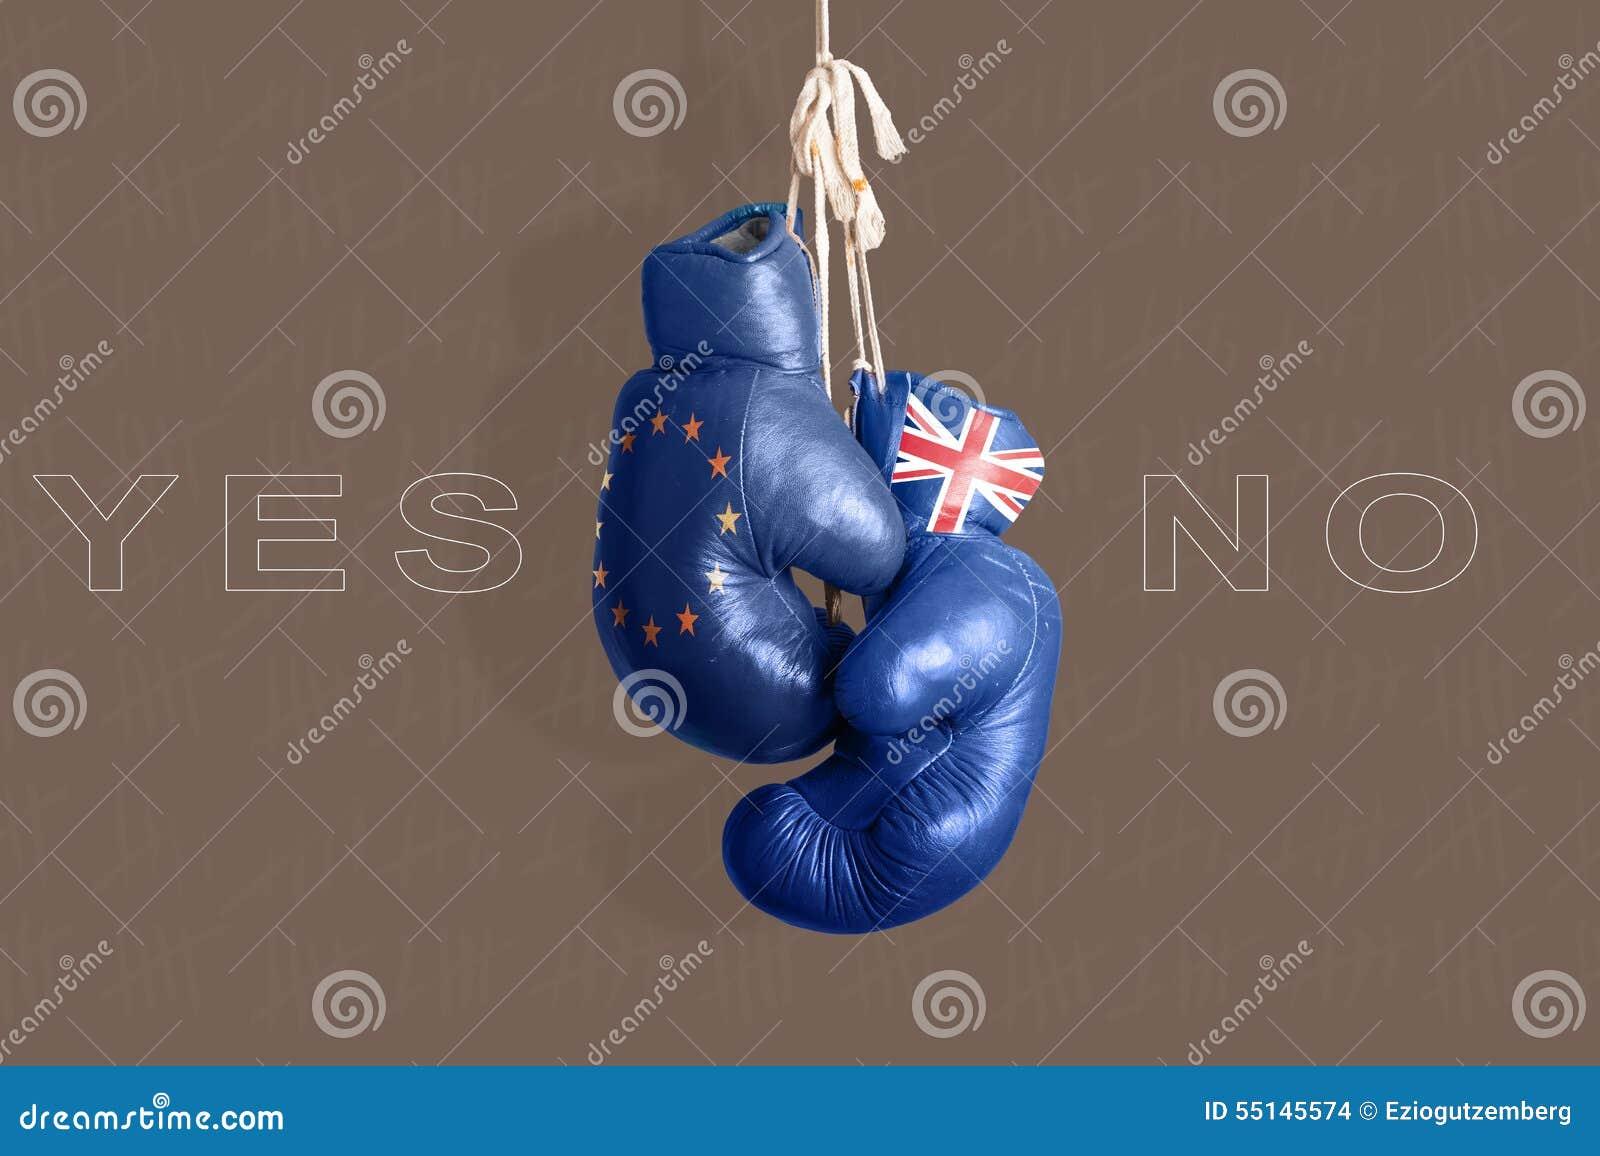 Brexit, symbol referendum UK vs UE